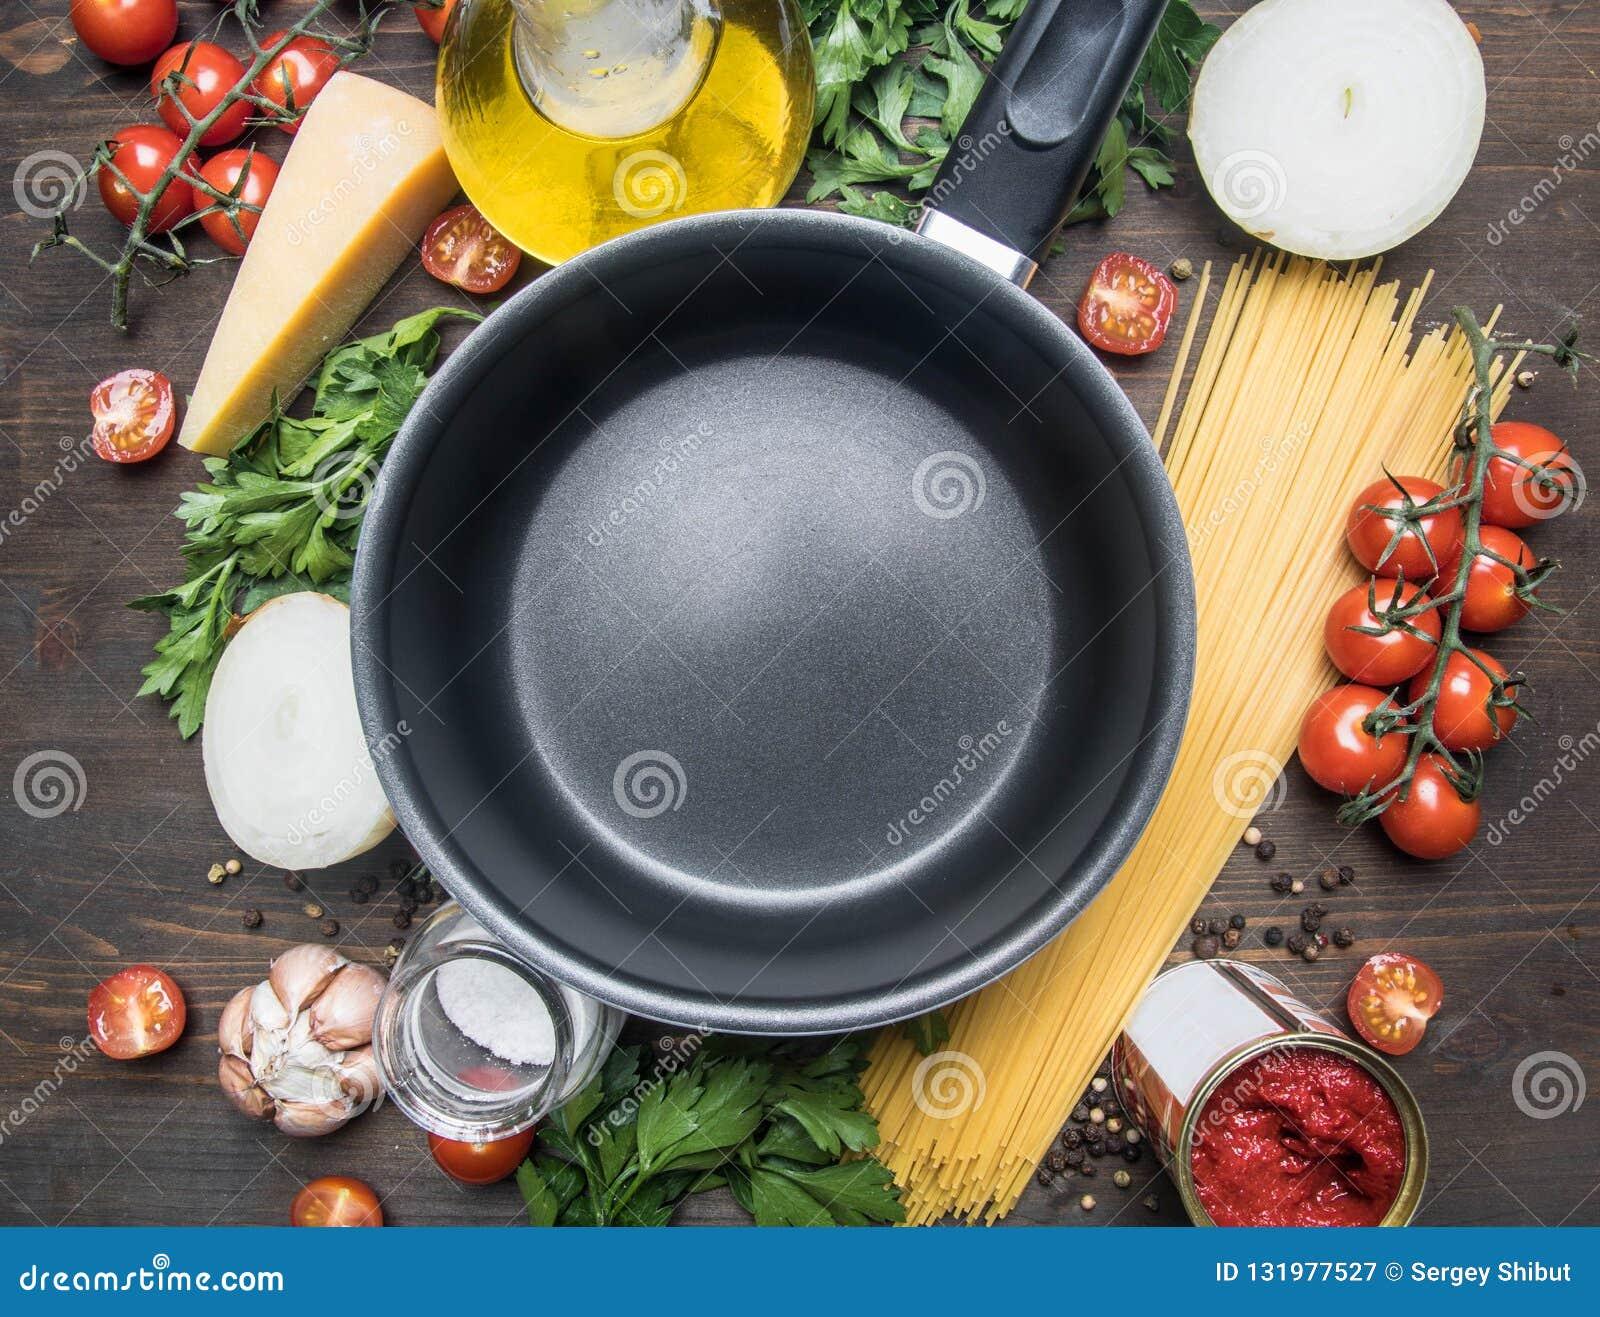 Kulinarny jarski makaron z czereśniowymi pomidorami pietruszka, cebula, czosnek, masło, pomidorowa pasta i ser składniki jest lai